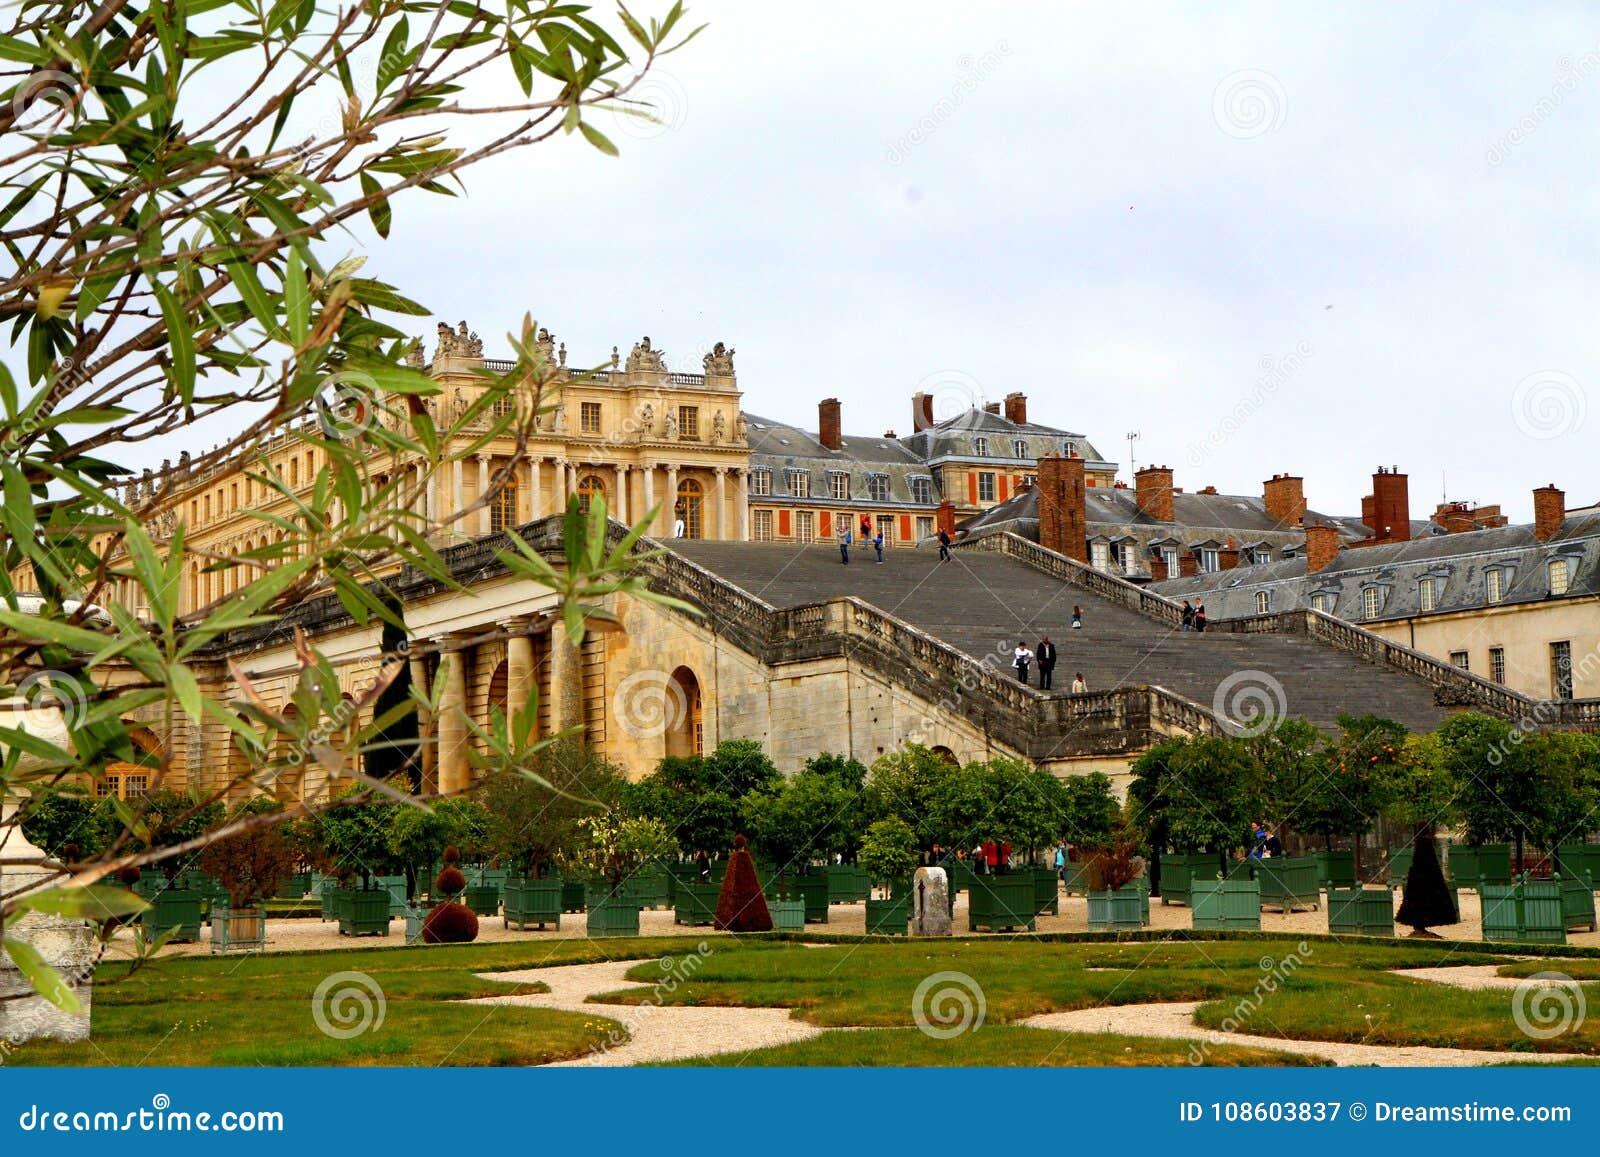 when in paris le jardins de versailles - Les Jardins De Versailles